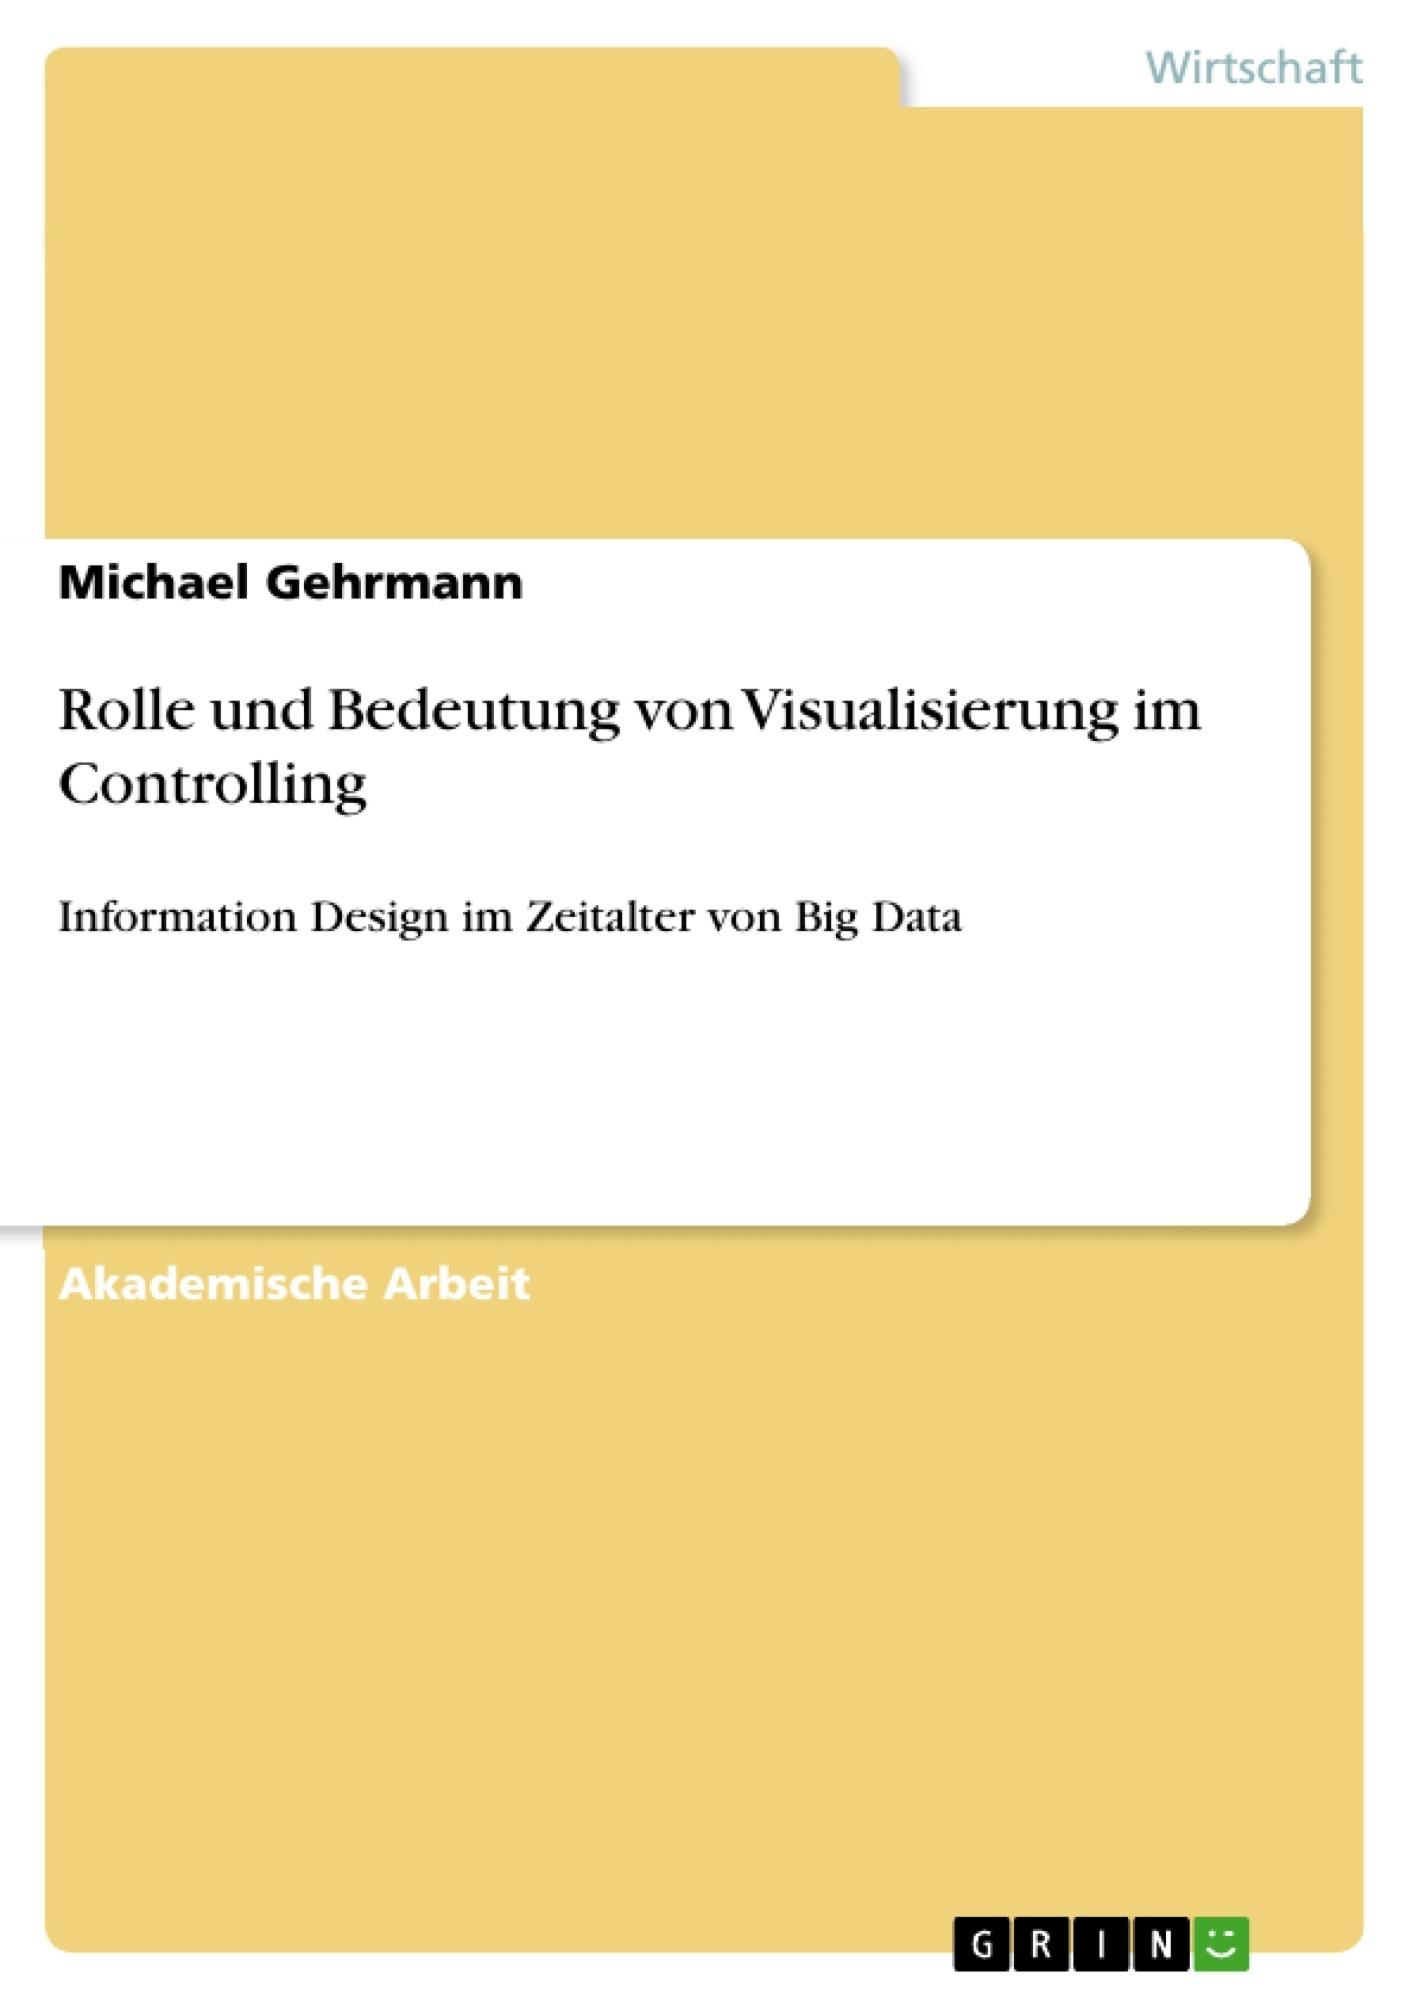 Titel: Rolle und Bedeutung von Visualisierung im Controlling